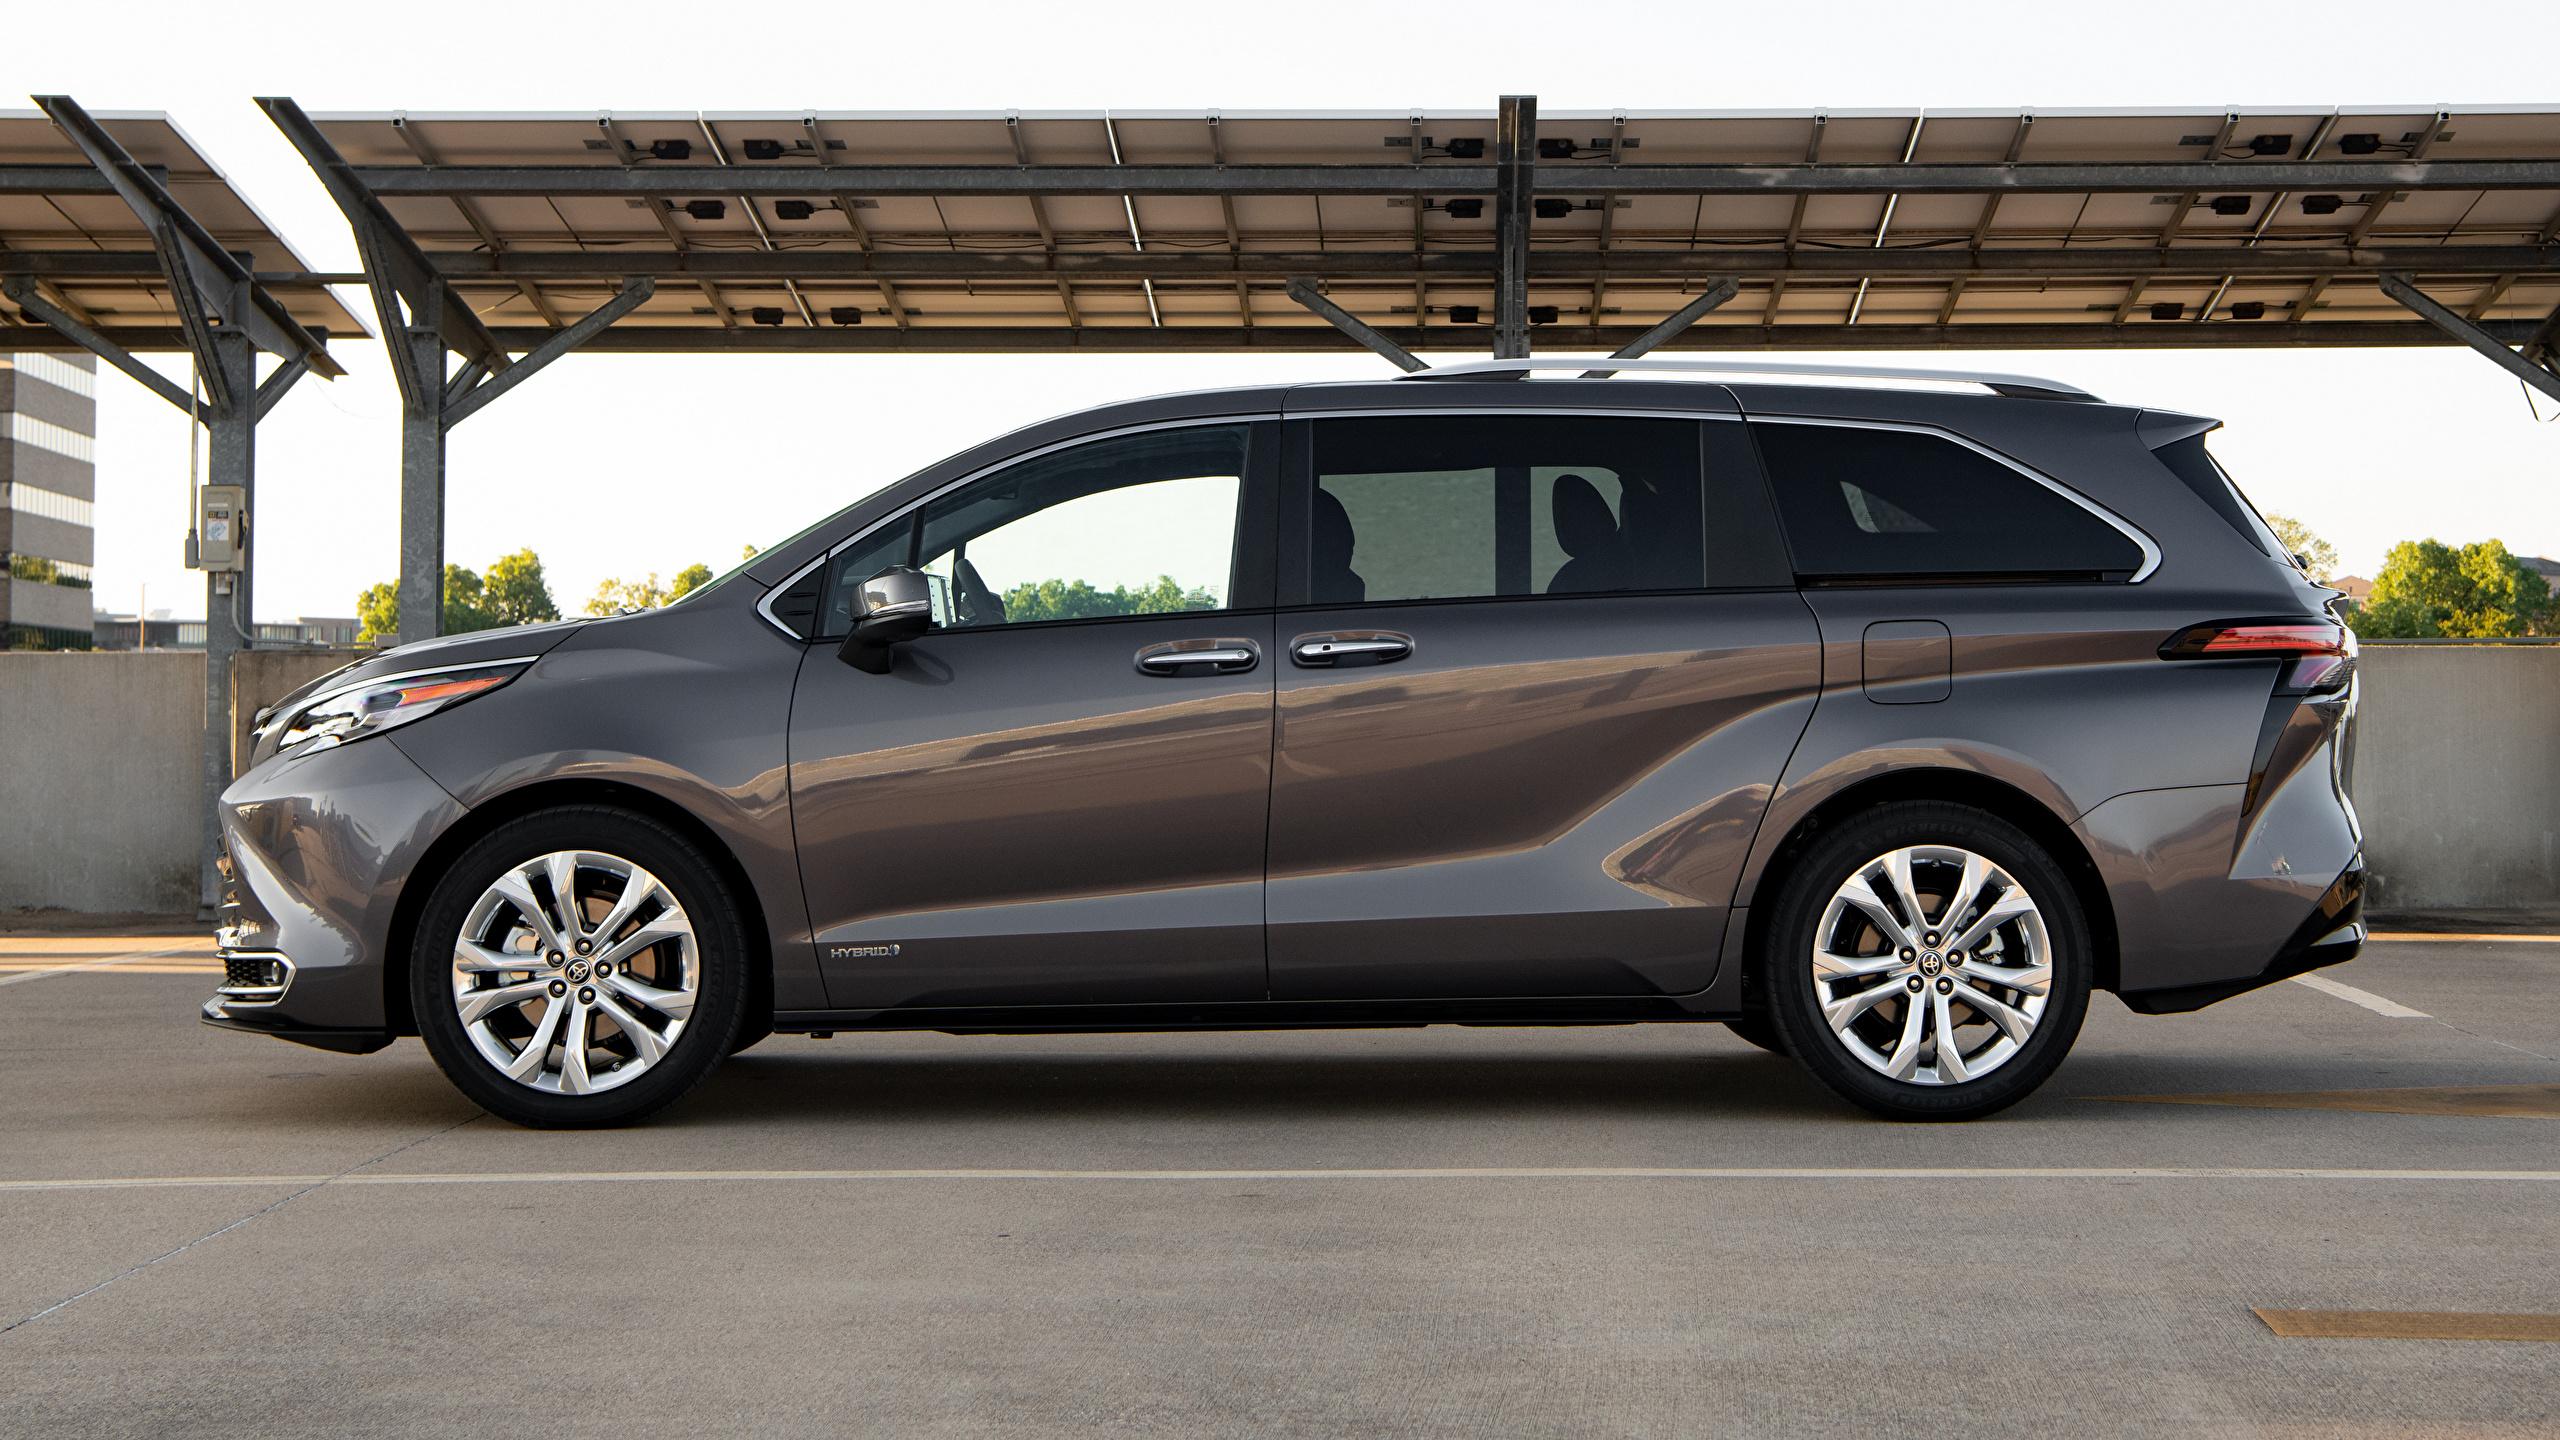 Картинки Toyota Универсал Sienna Platinum, 2020 серая Сбоку машины Металлик 2560x1440 Тойота Серый серые авто машина Автомобили автомобиль